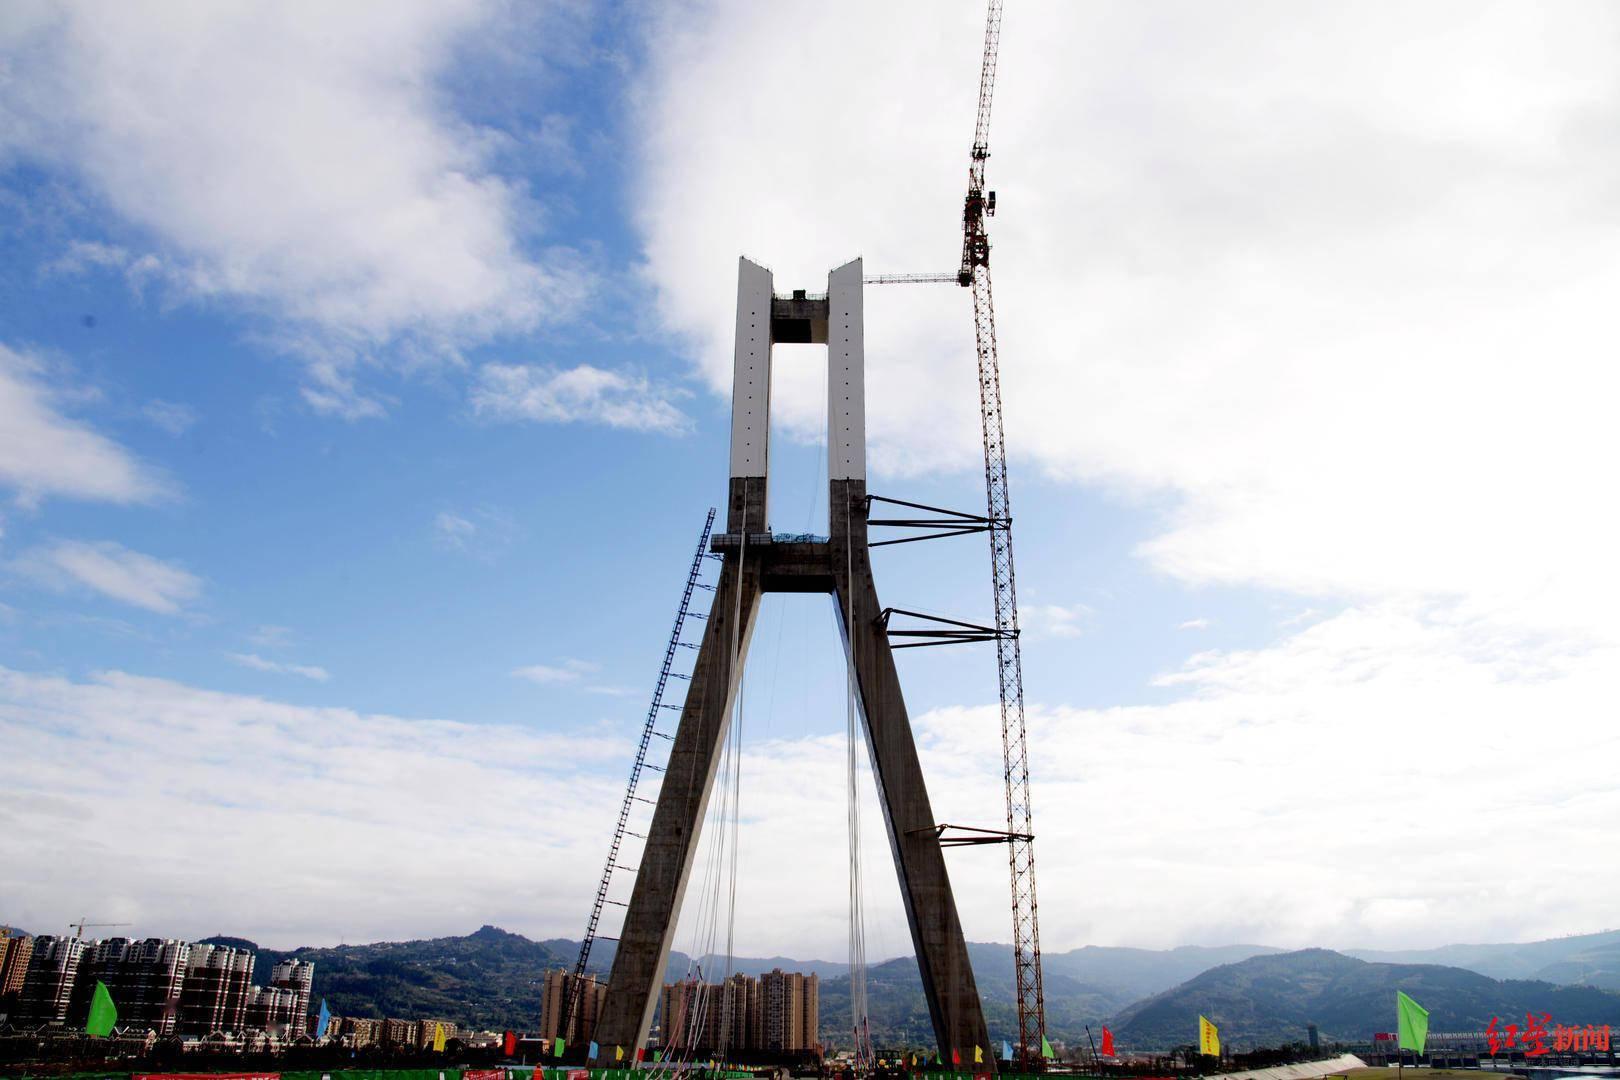 金堂韩滩双岛大桥钢箱梁合龙,预计明年5月形成通车能力